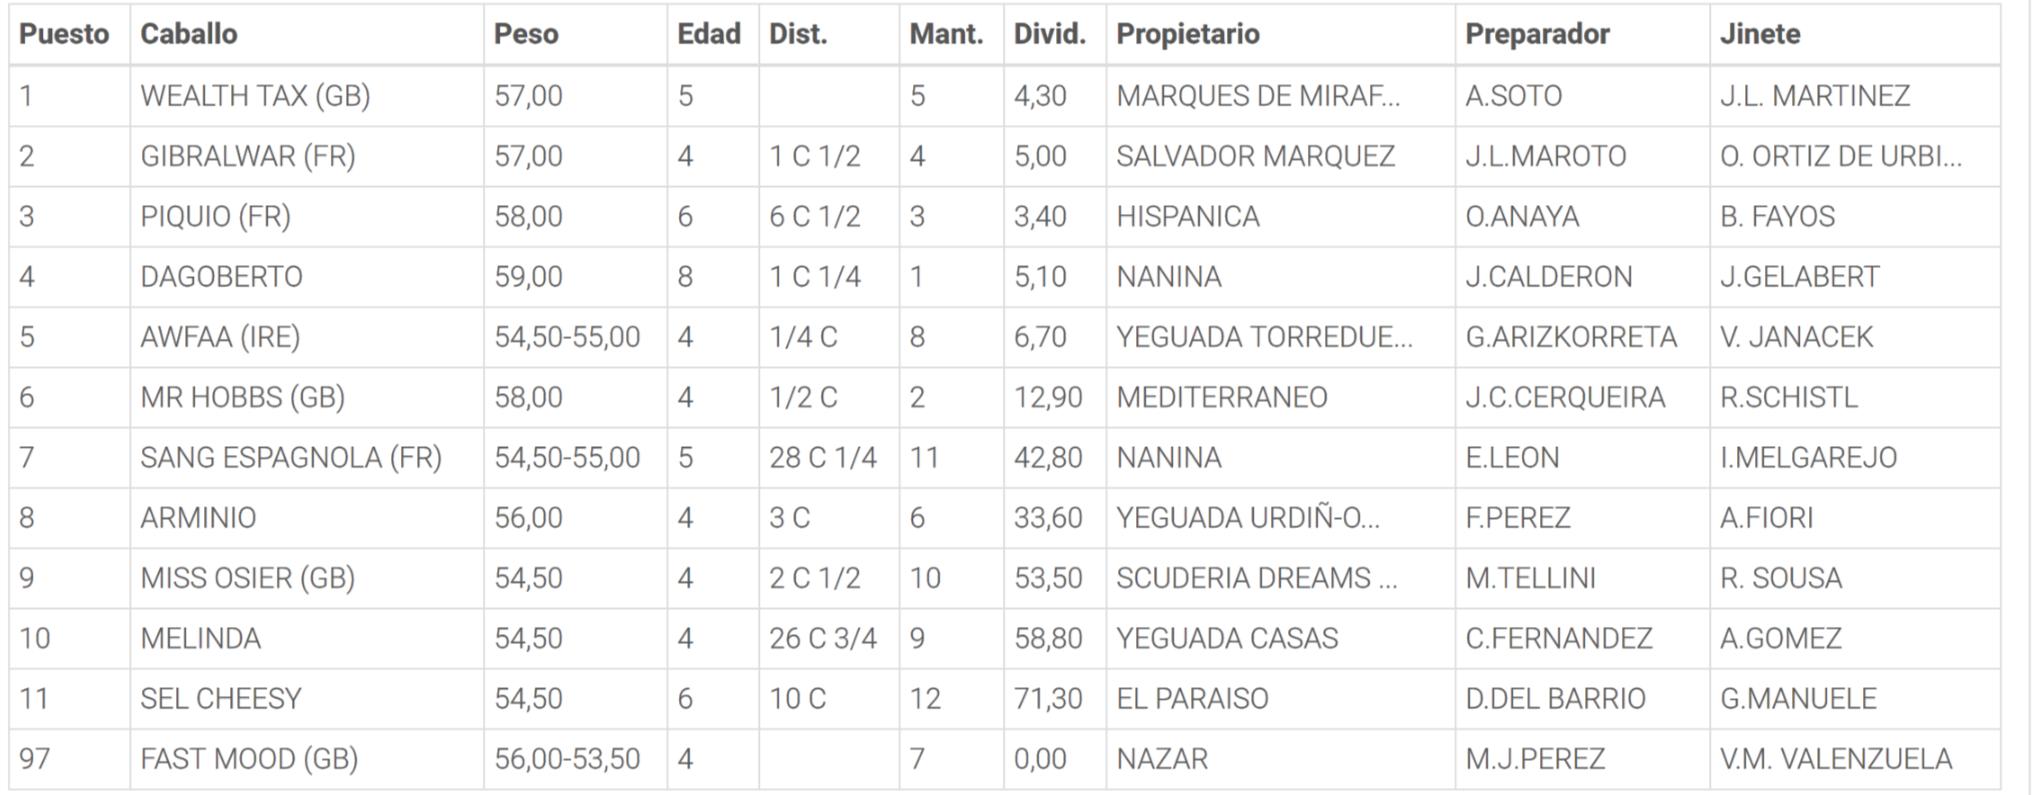 Resultados de la Carrera 6. Hipódromo de la Zarzuela